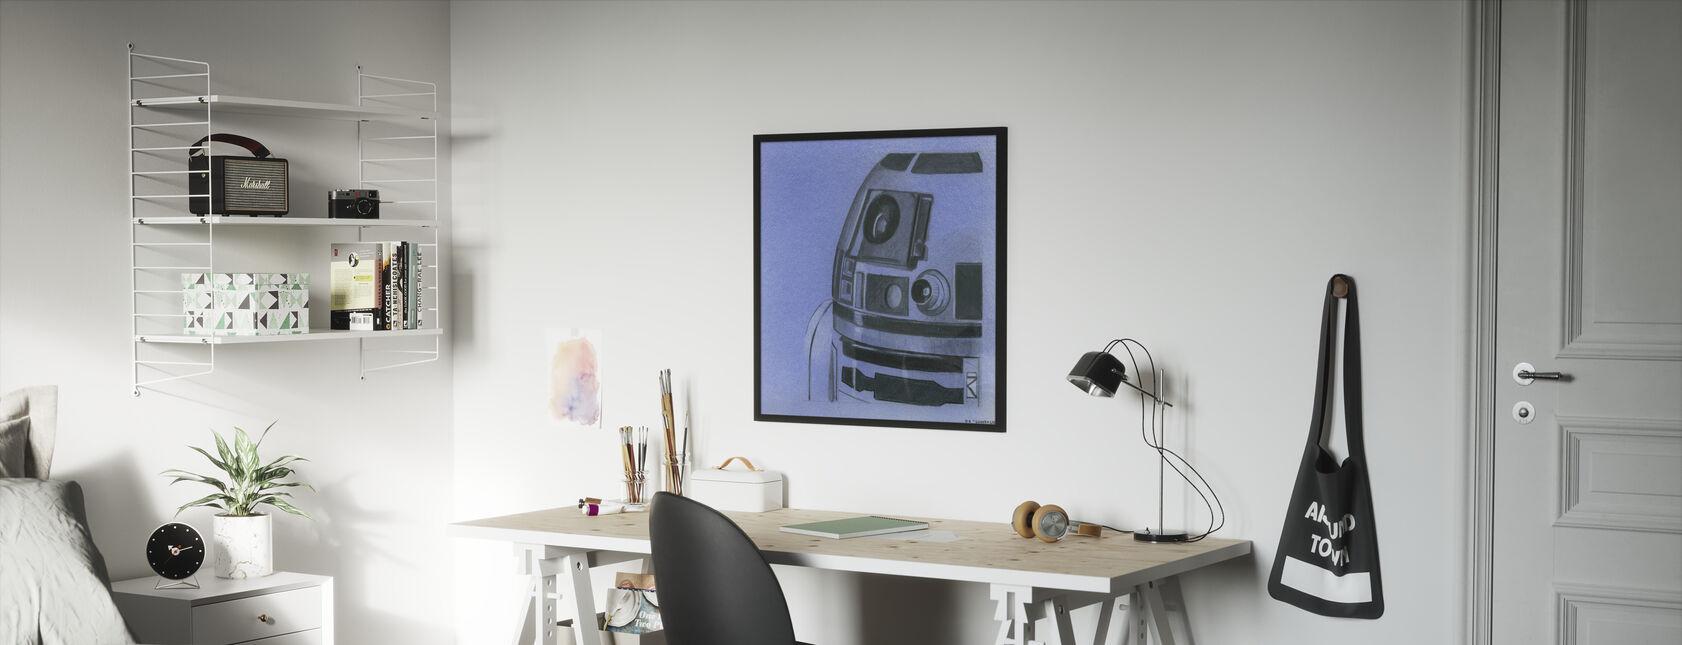 Star Wars - R2-D2, colore: Blu grafite - Stampa incorniciata - Camera dei bambini